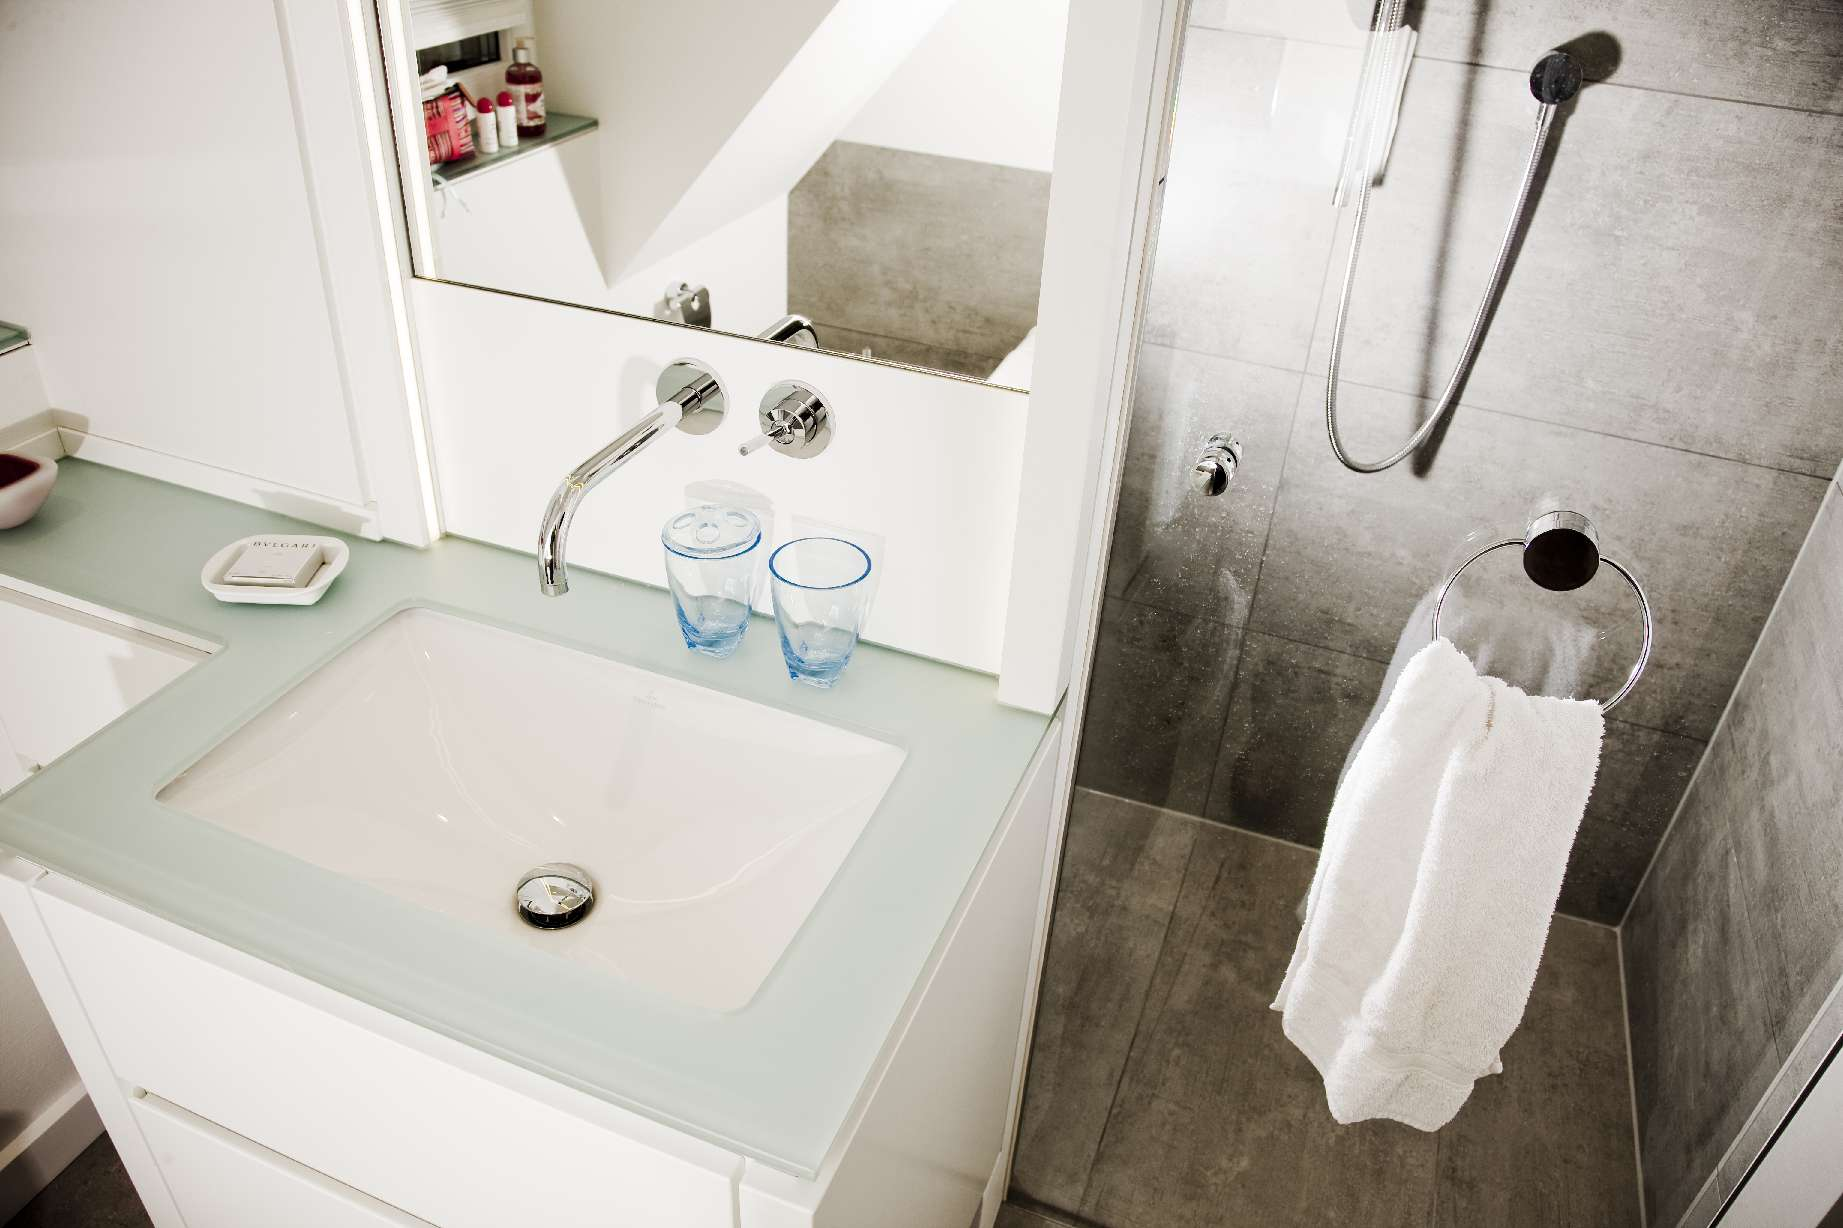 eingebauter Waschtisch und Duschkabine